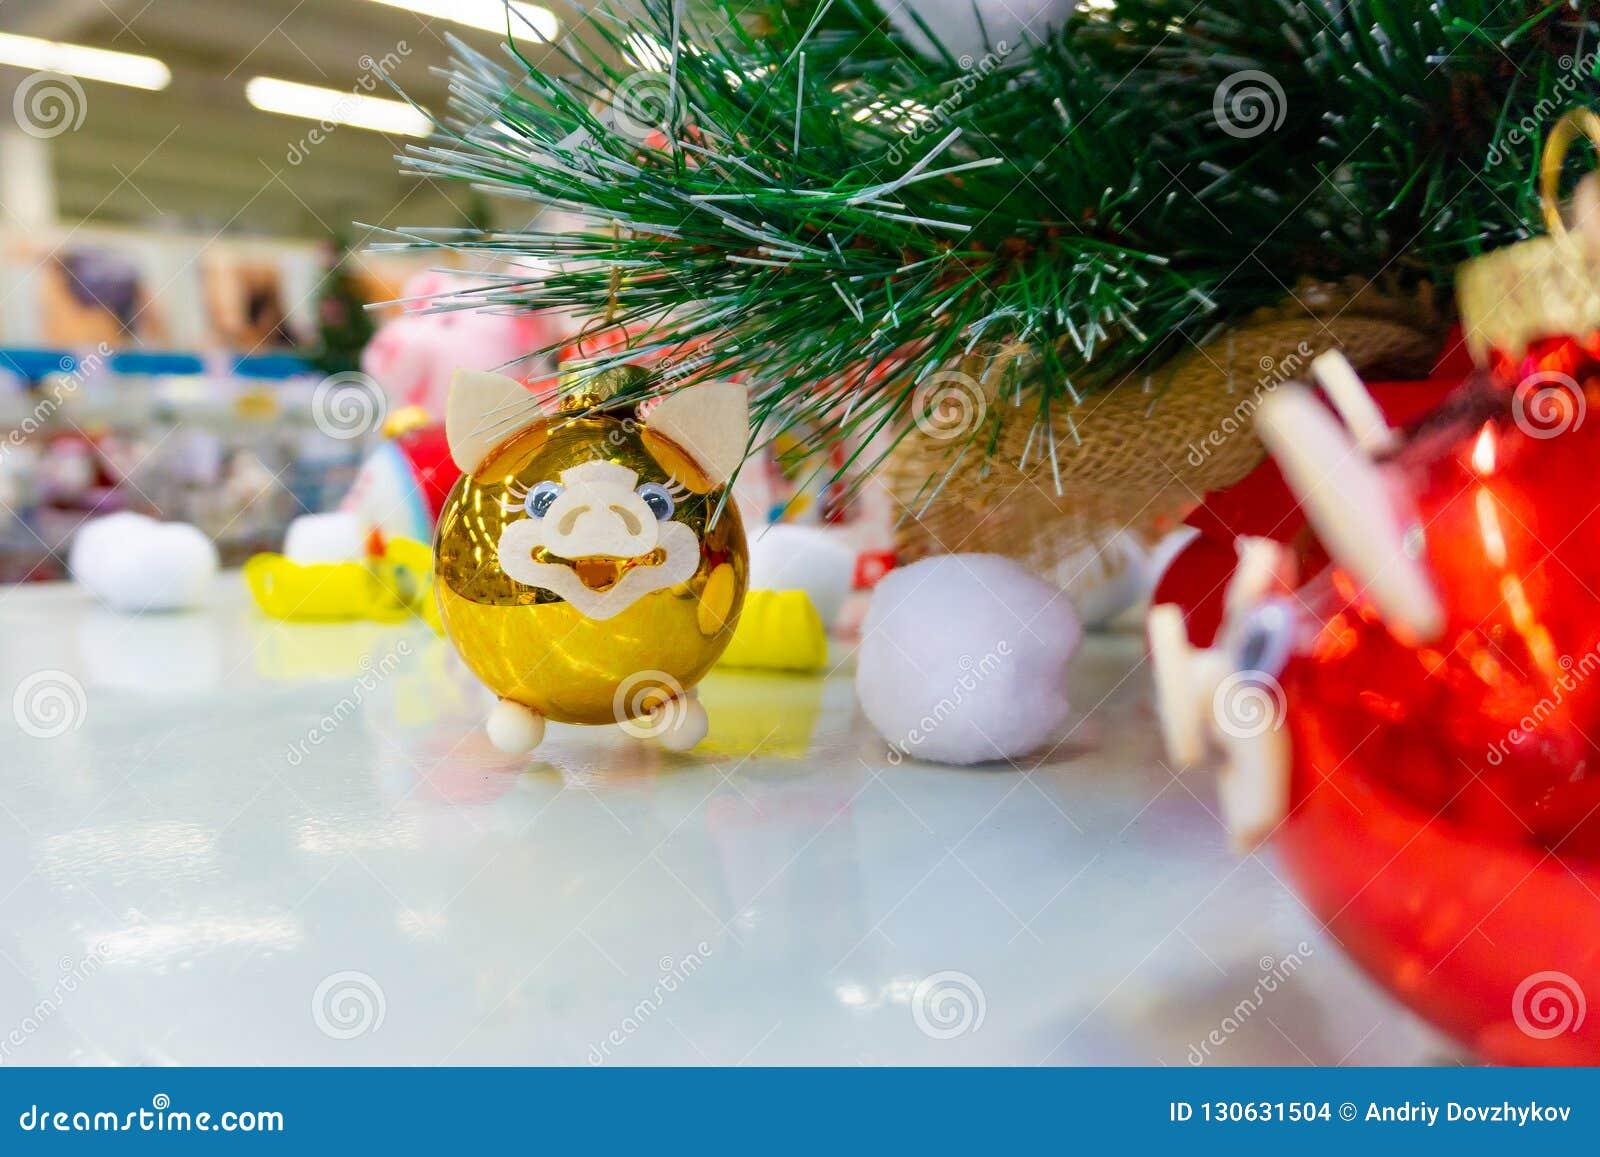 Kerstmisstuk speelgoed varkens voor Kerstmis, de kroon van het Nieuwjaar